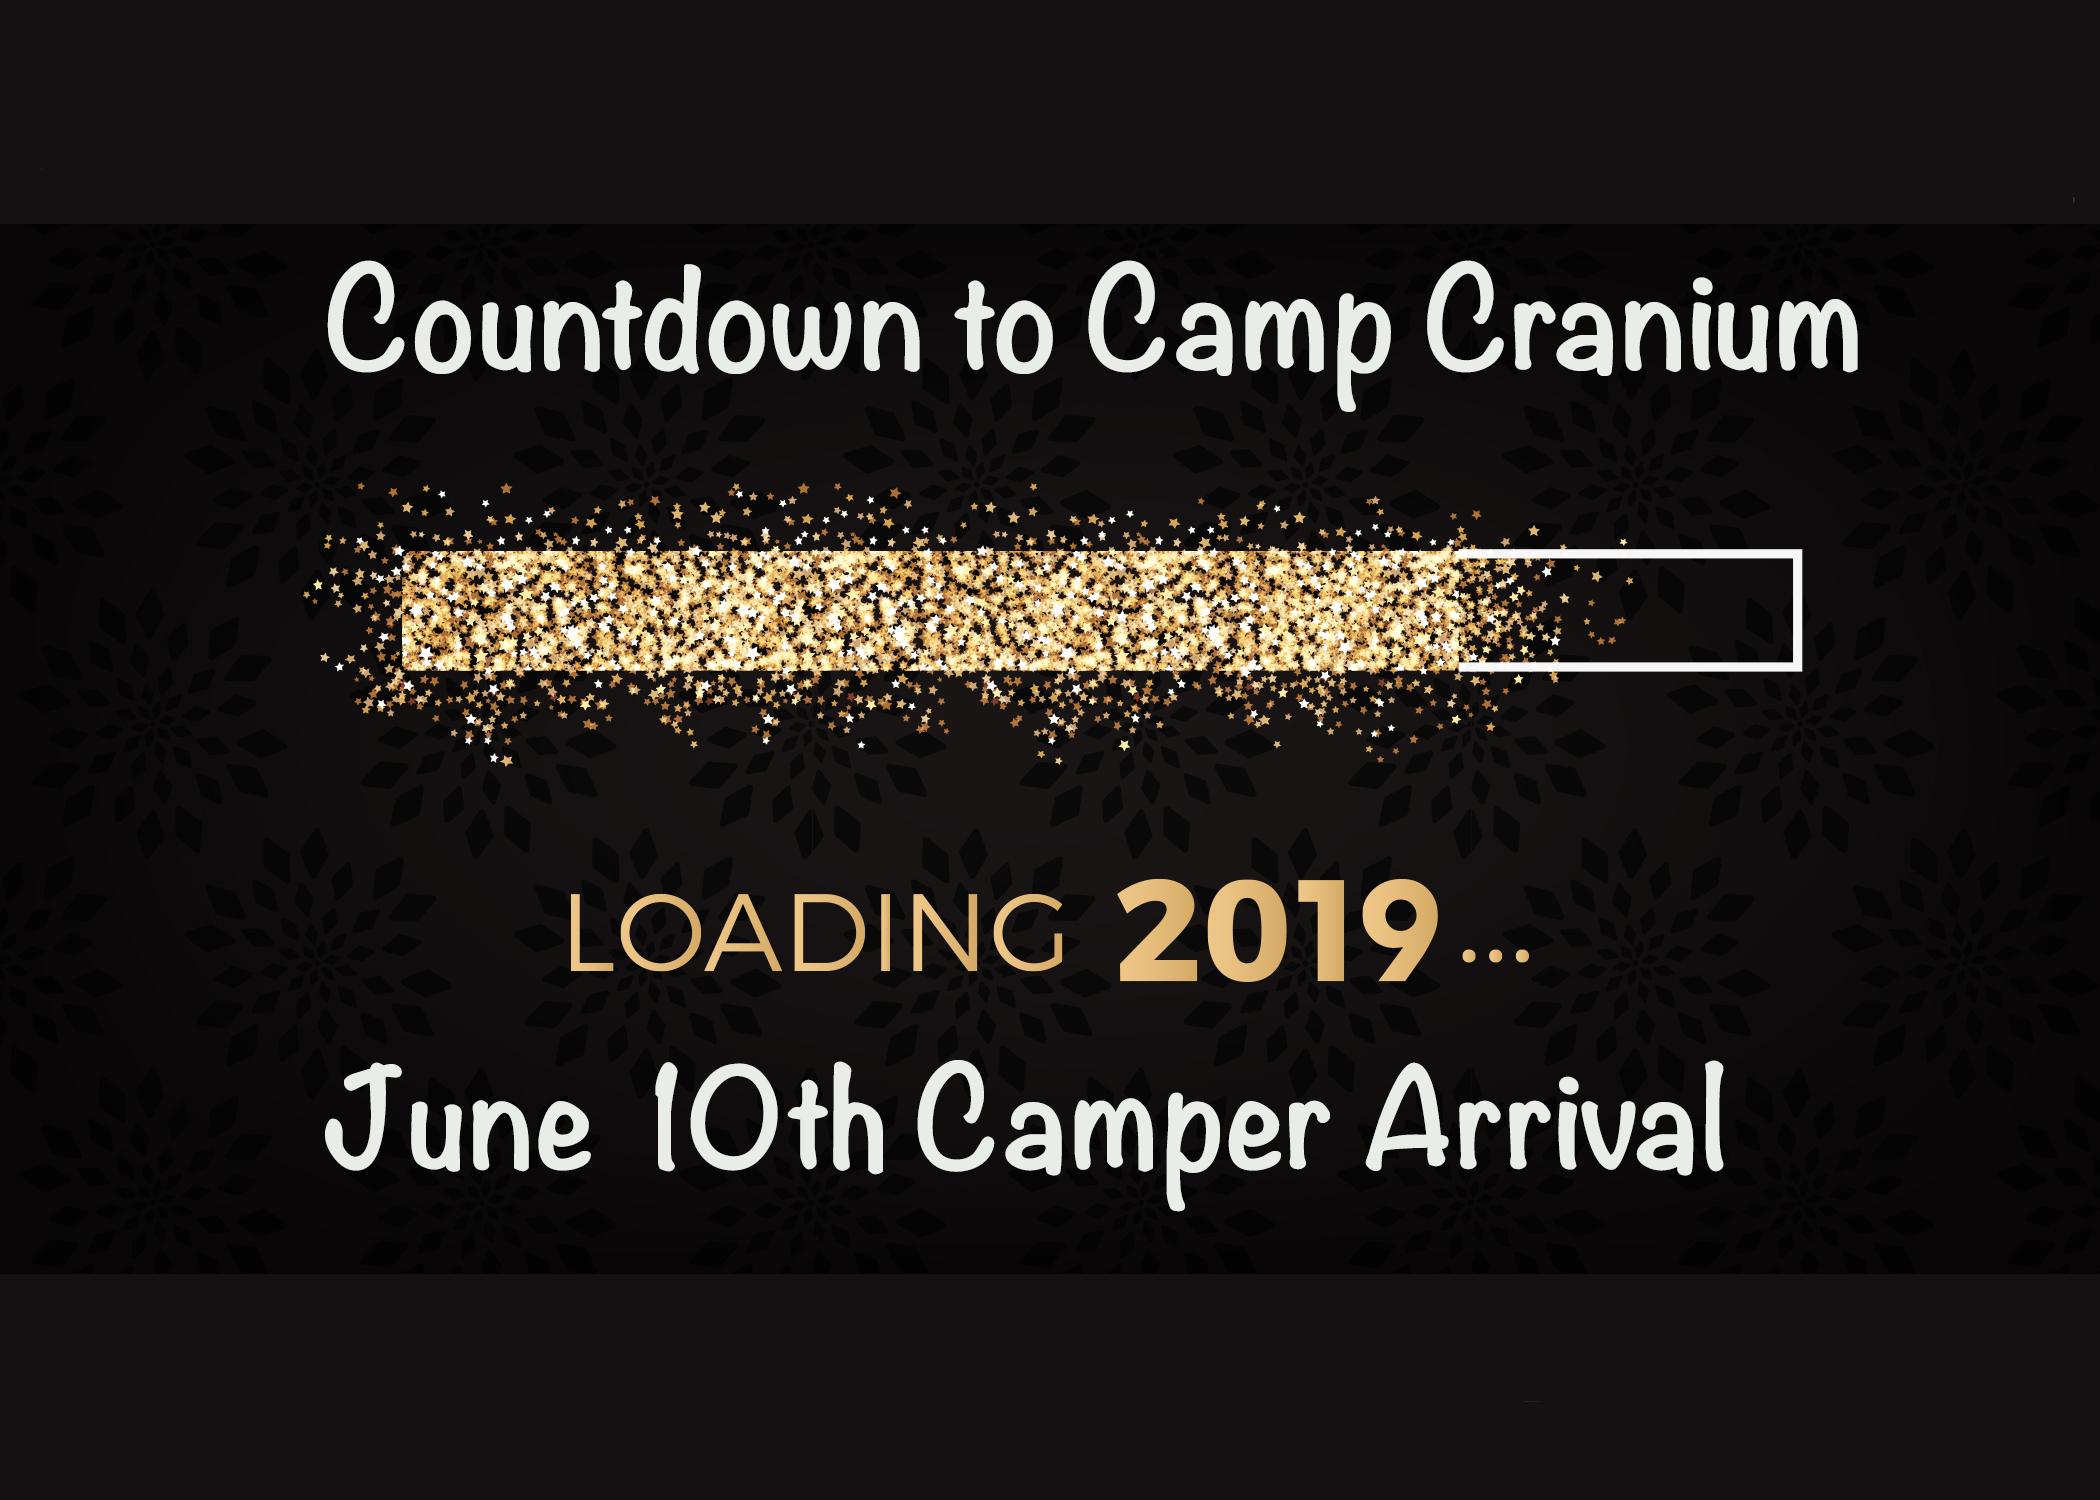 Camp Cranium Countdown…